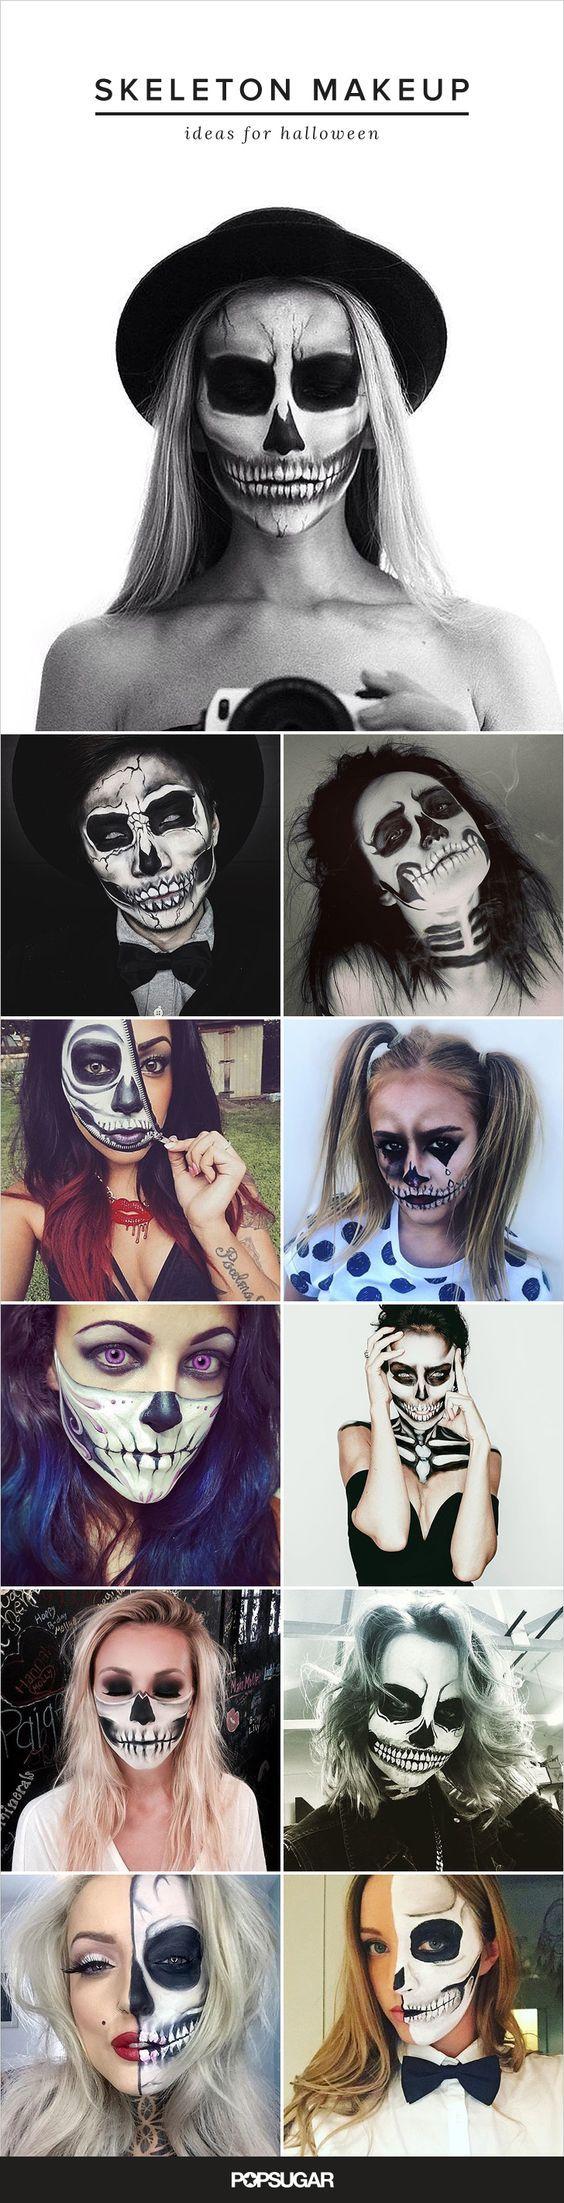 Maquillaje de esqueleto:                                                                                                                                                                                 More